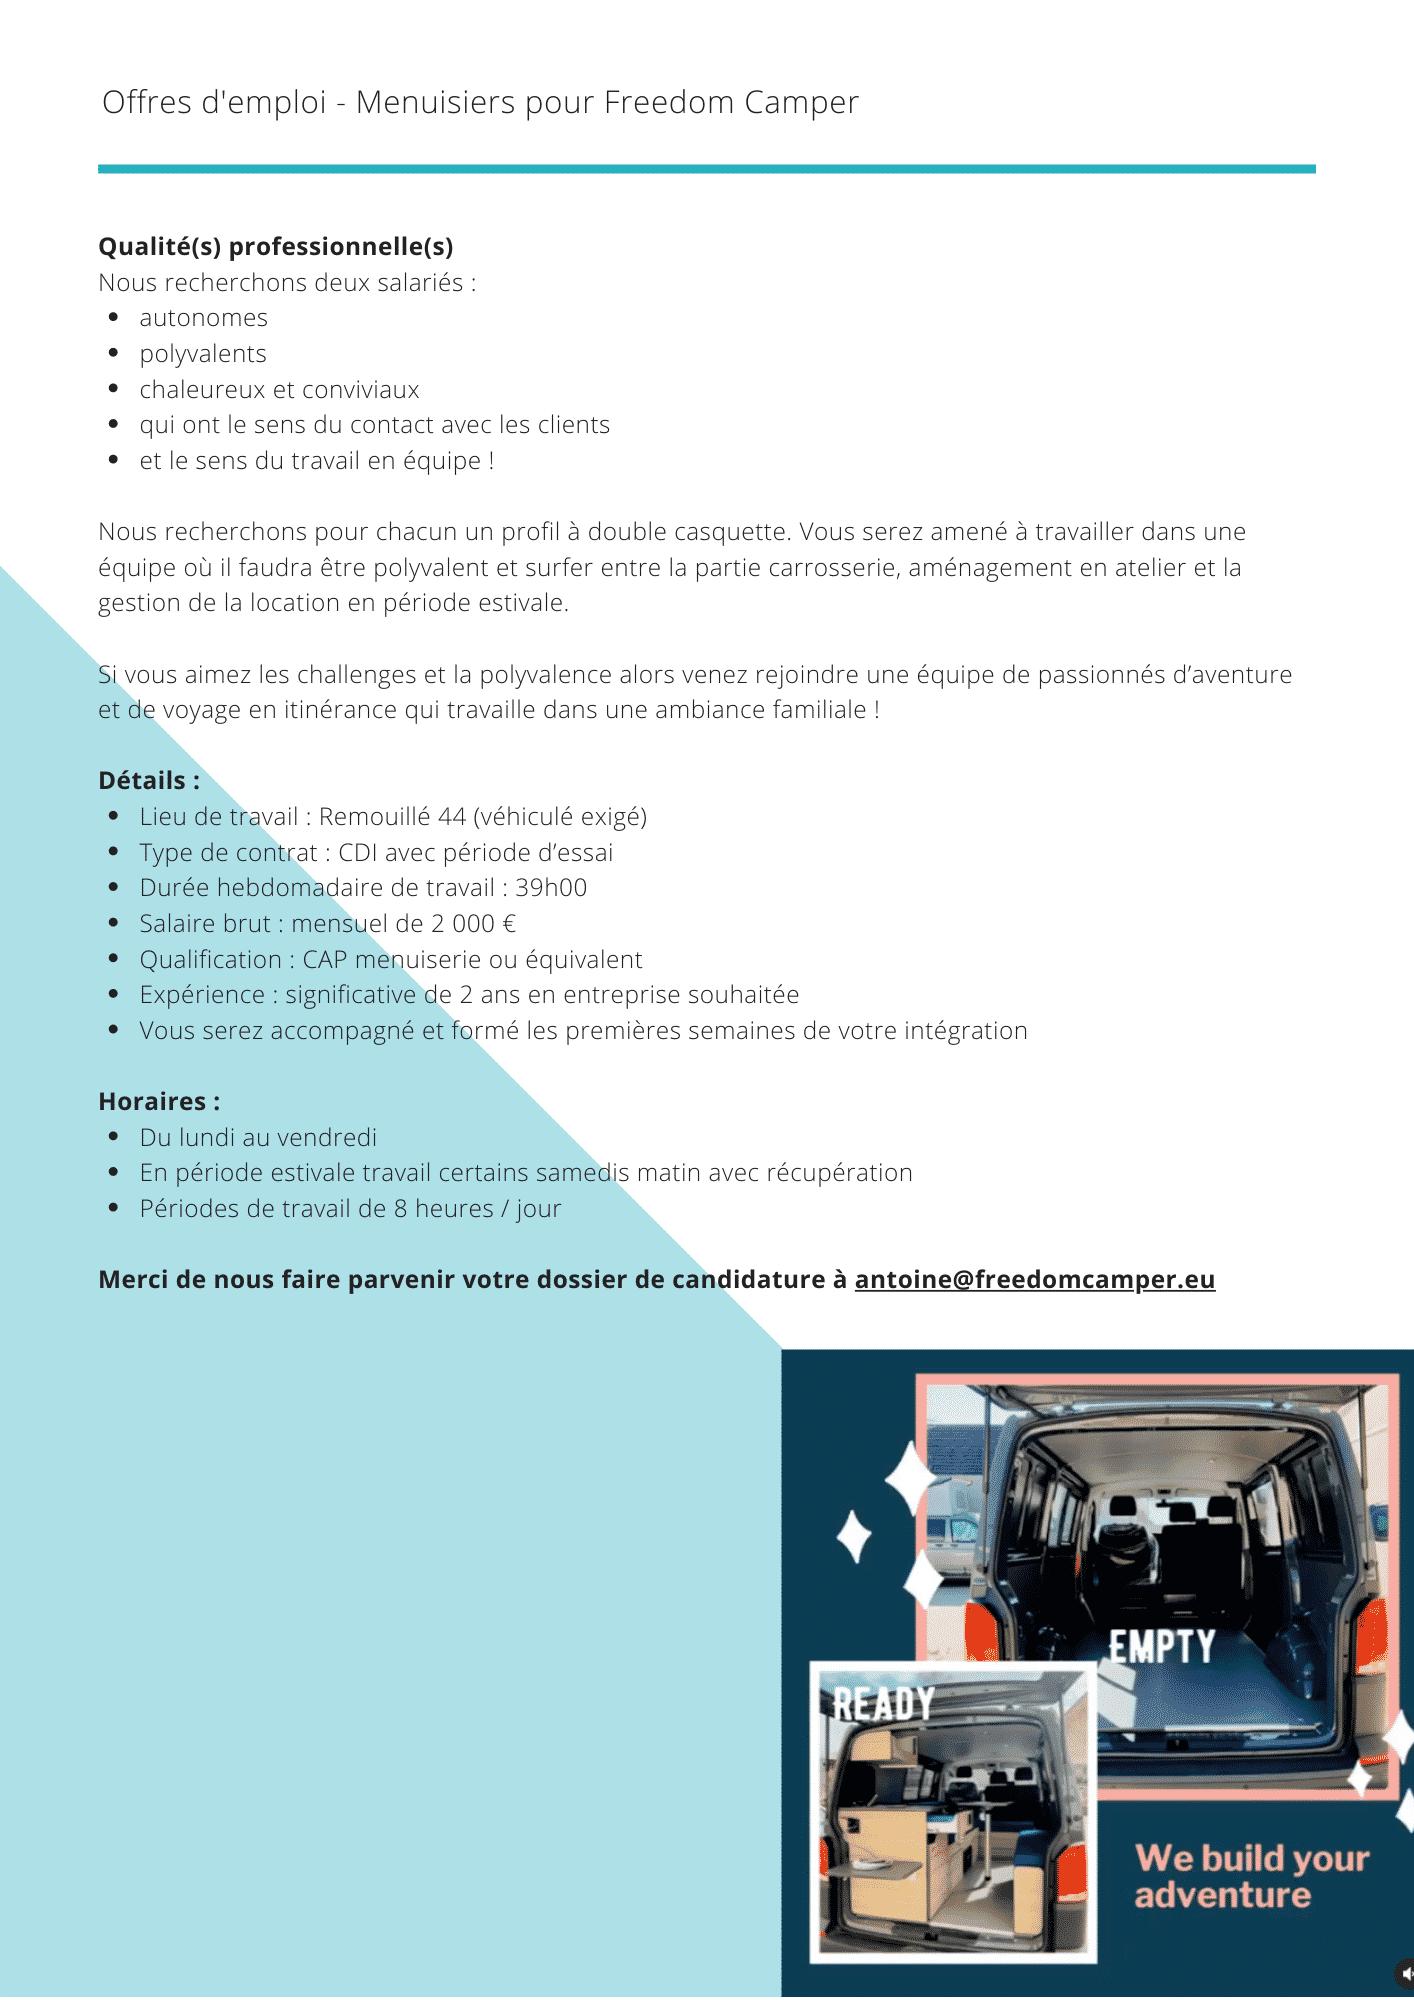 OFFRES-EMPLOI-MENUISIER-NANTES-3 Offres d'emploi